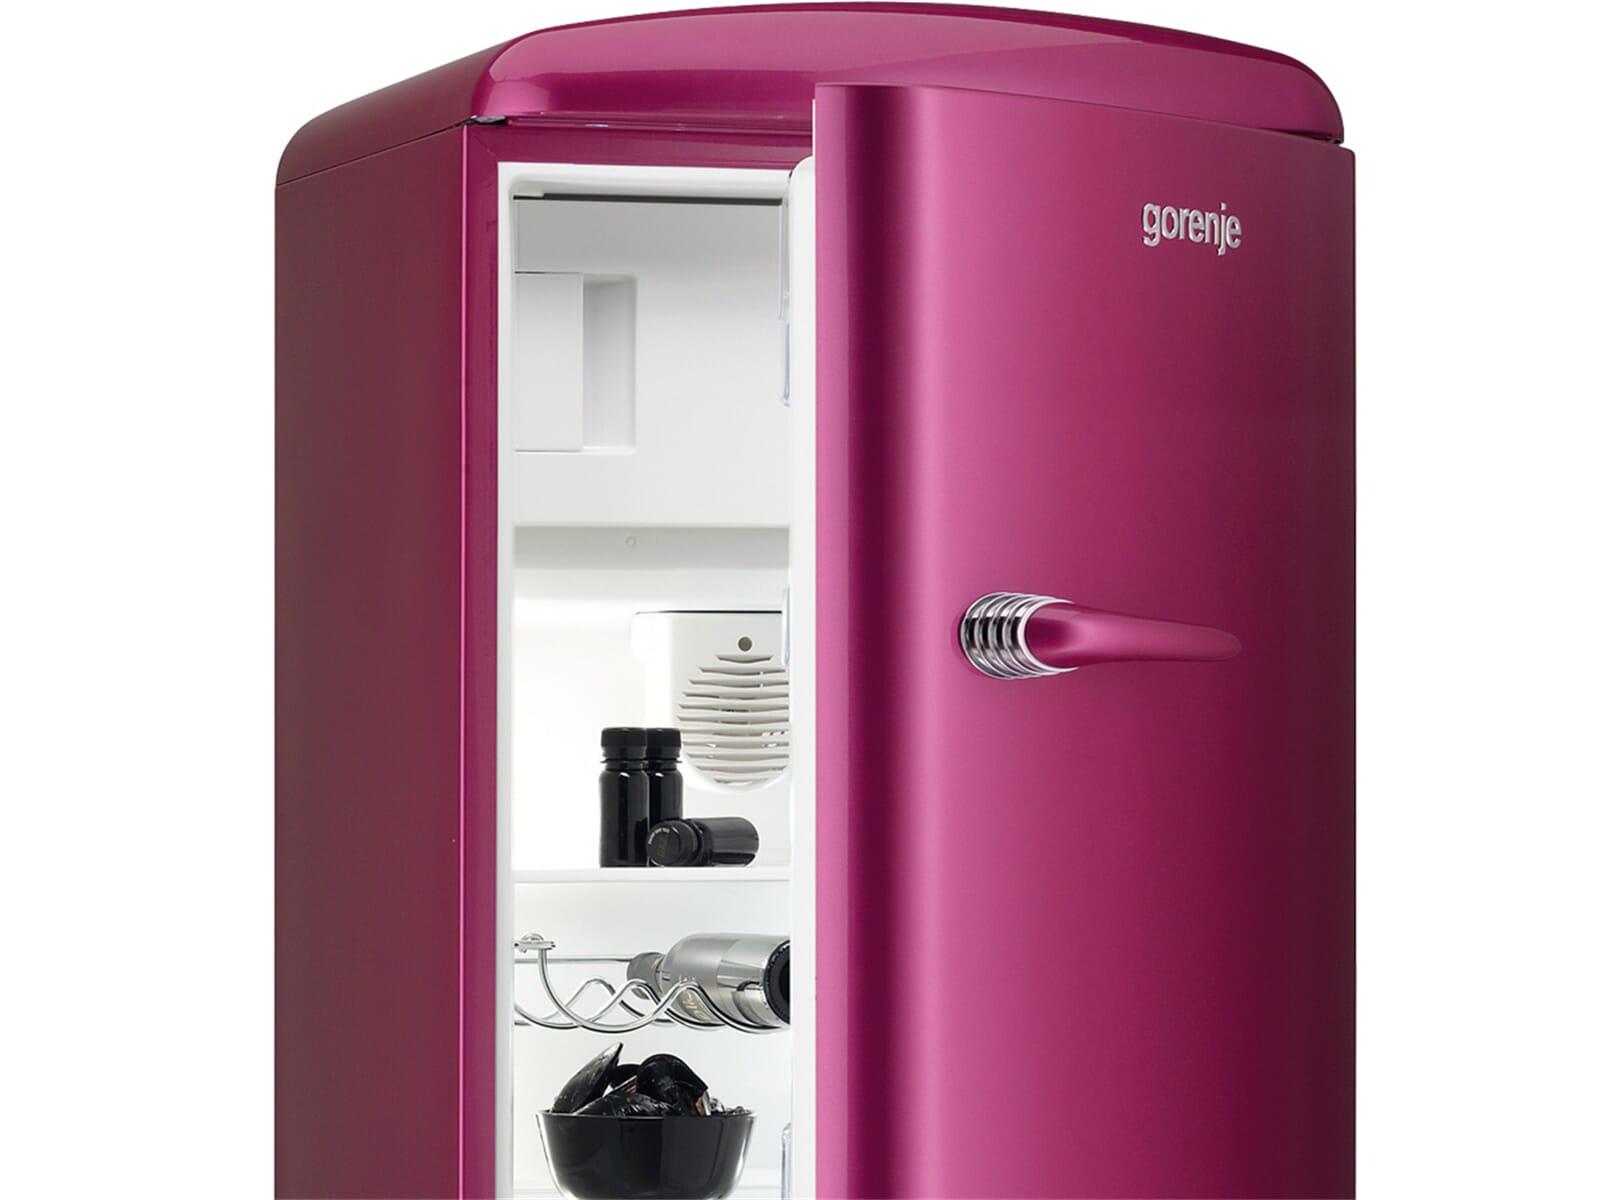 Retro Kühlschrank Pink : Gorenje kühlschrank pink günstig kaufen : geld sparen bei